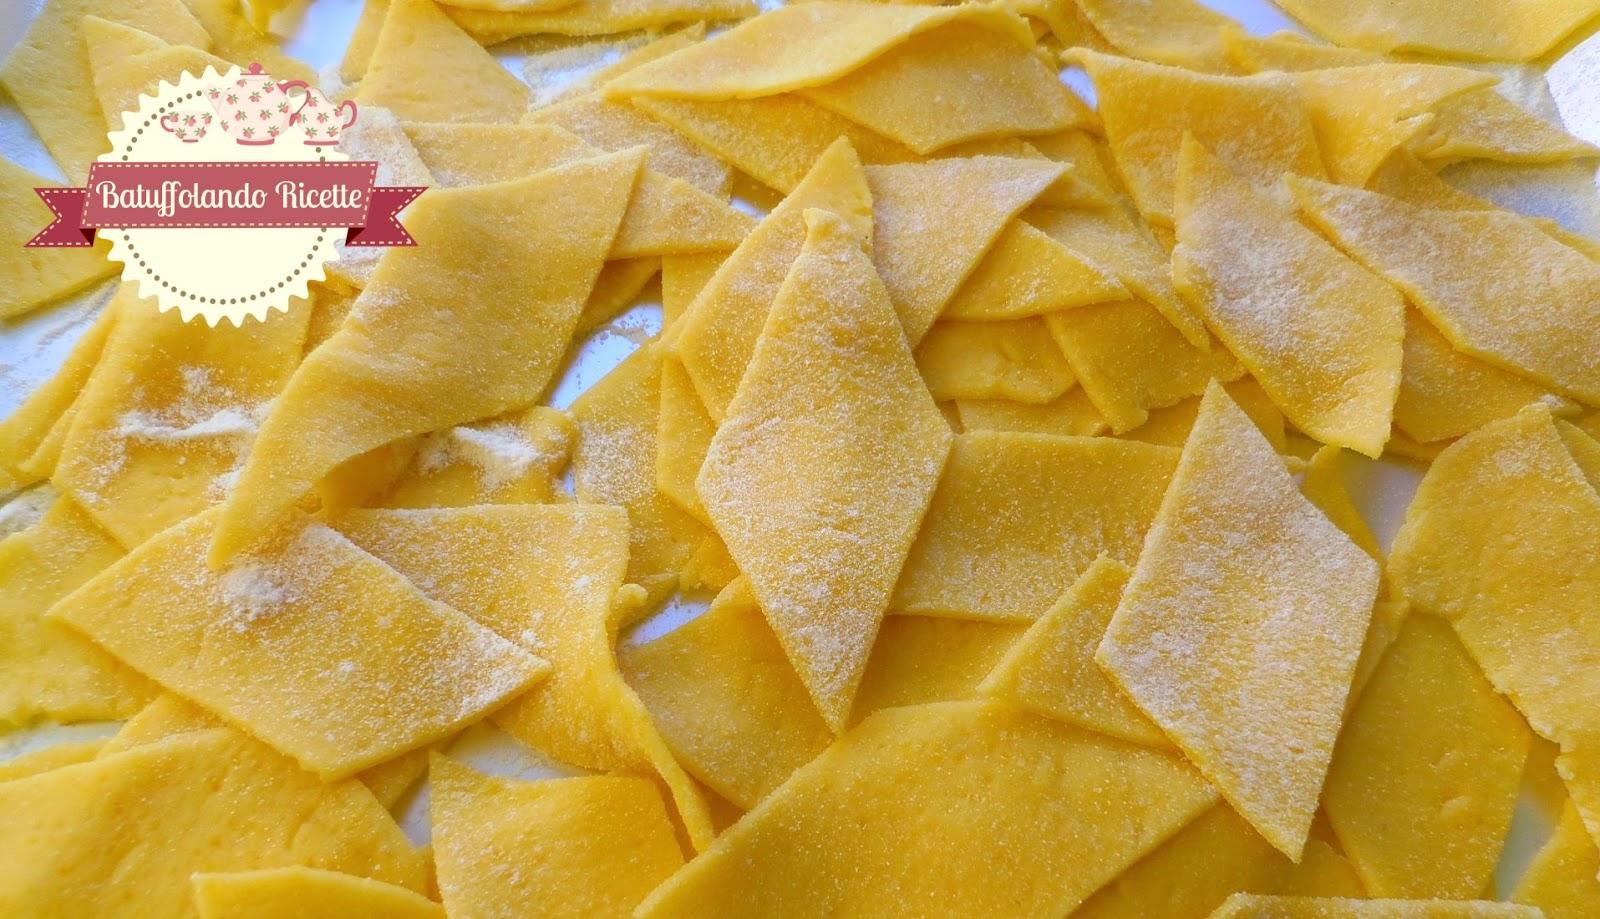 Ricetta pasta fatta in casa maltagliati